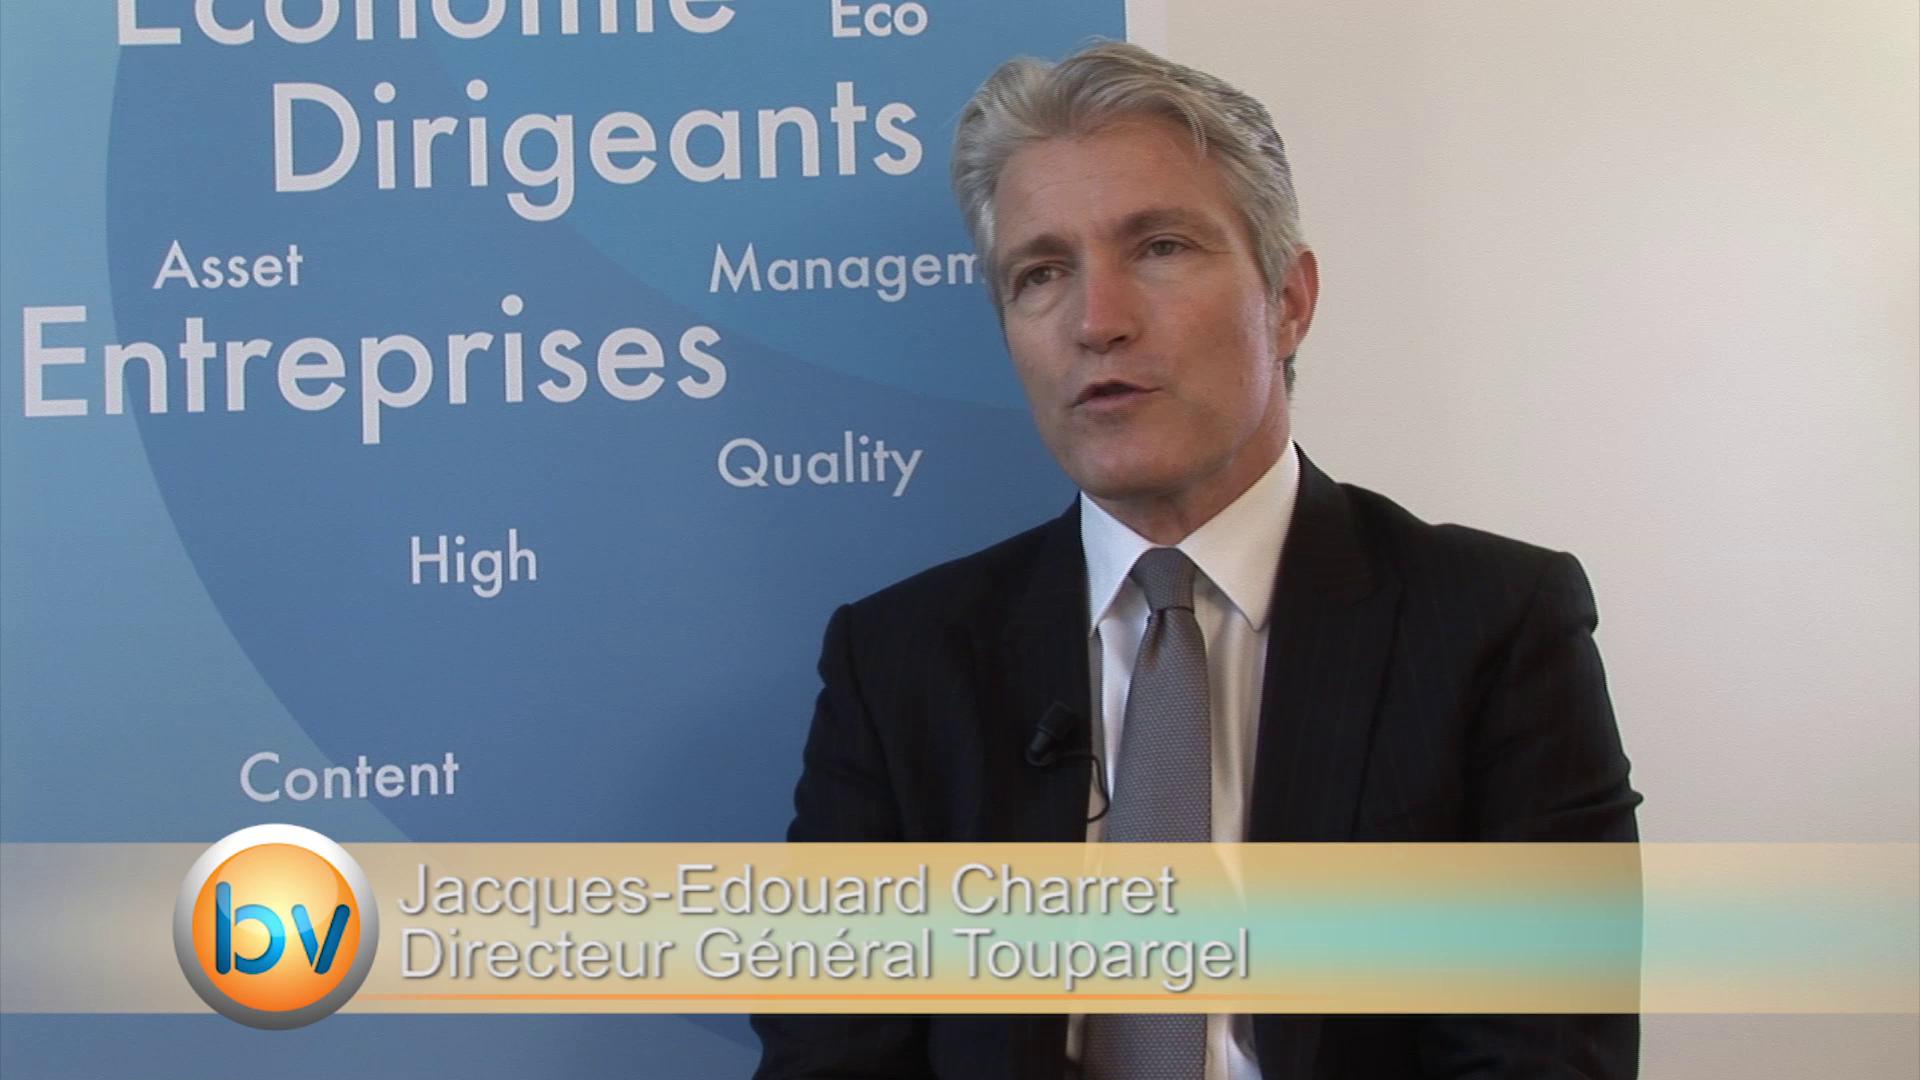 """Jacques-Edouard Charret Directeur Général Toupargel : """"La croissance externe n'est pas un objectif prioritaire en 2015"""""""